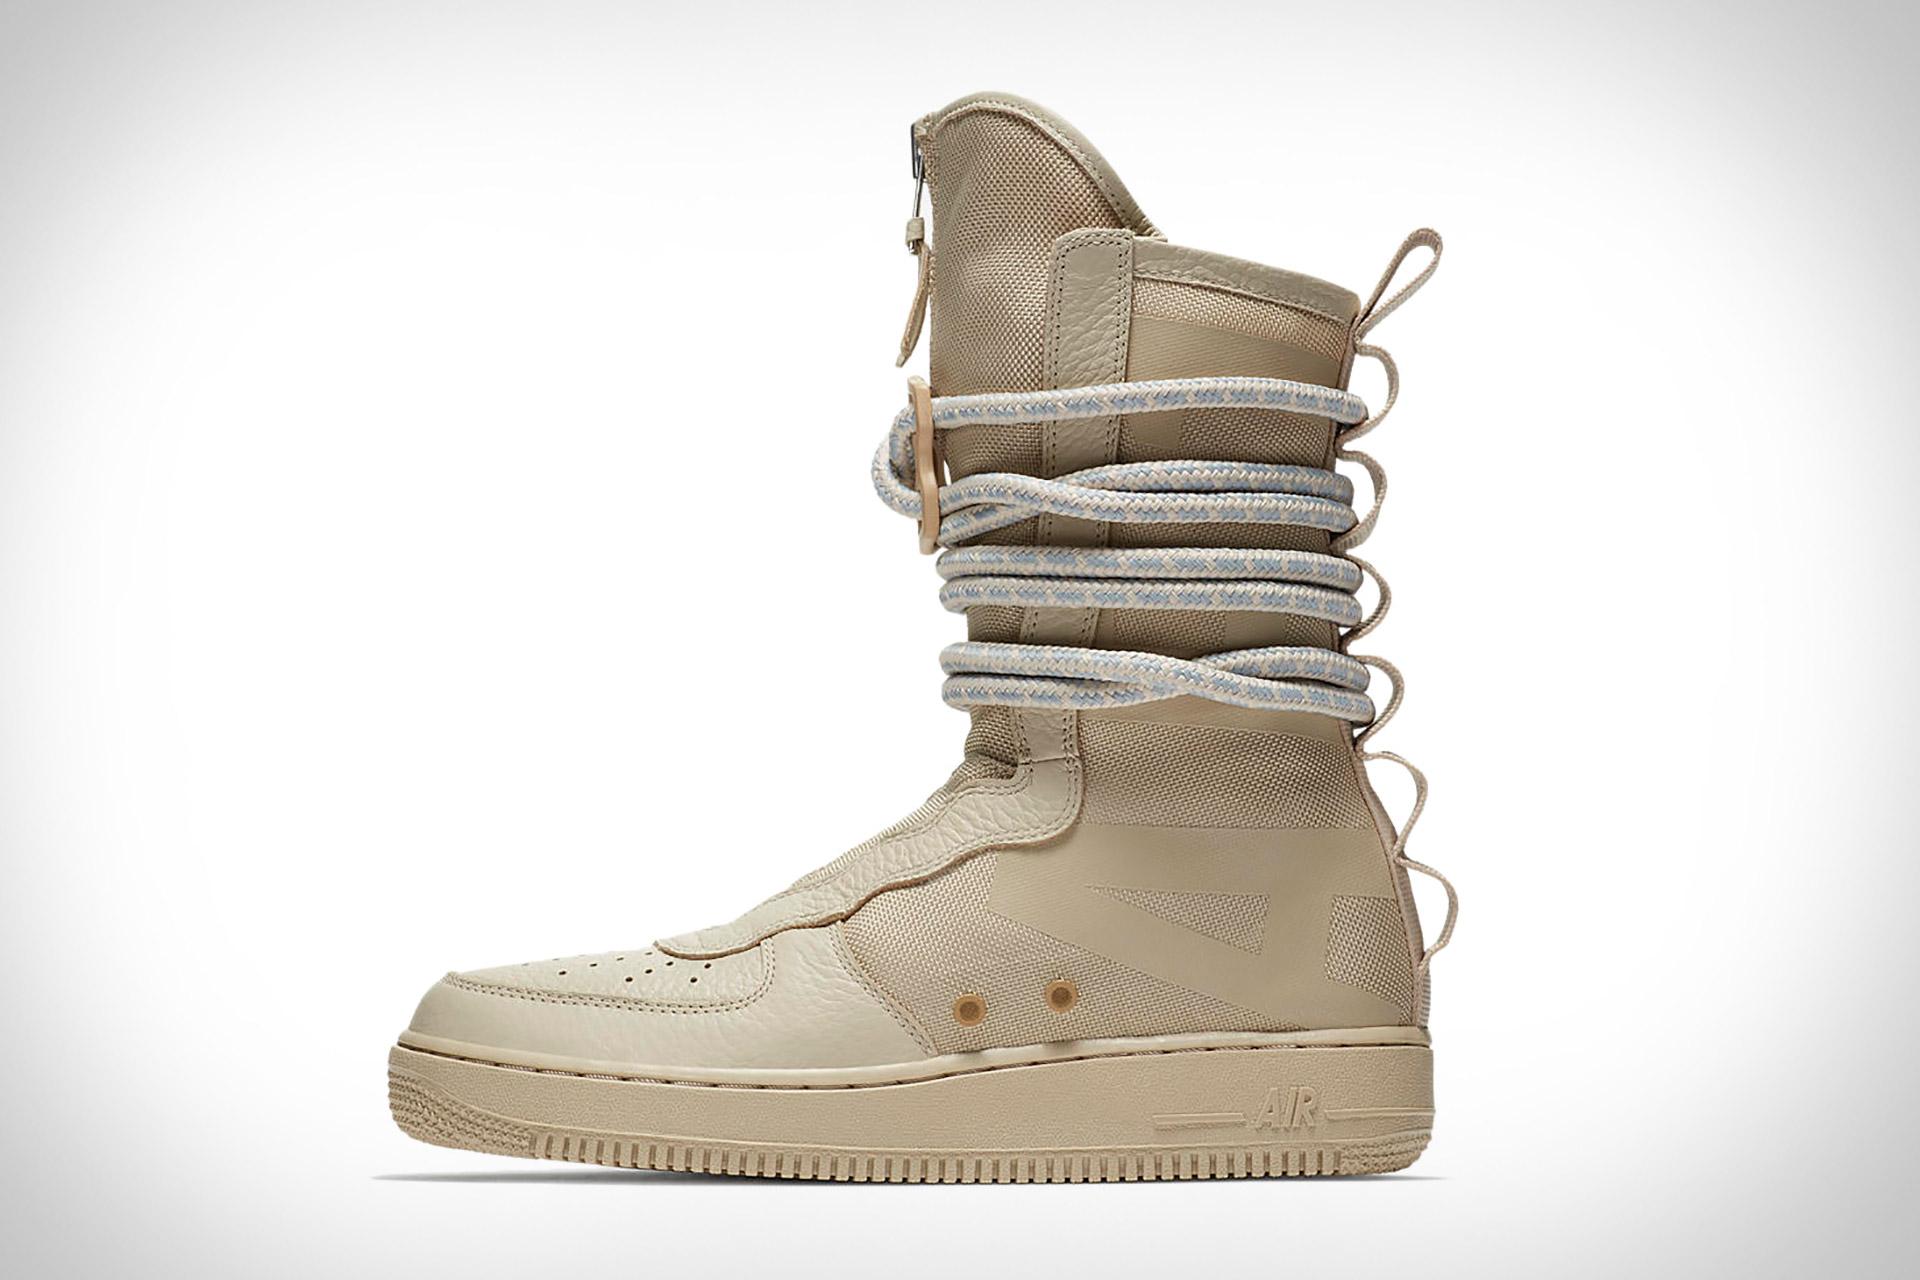 Nike SF AF-1 High Sneakers